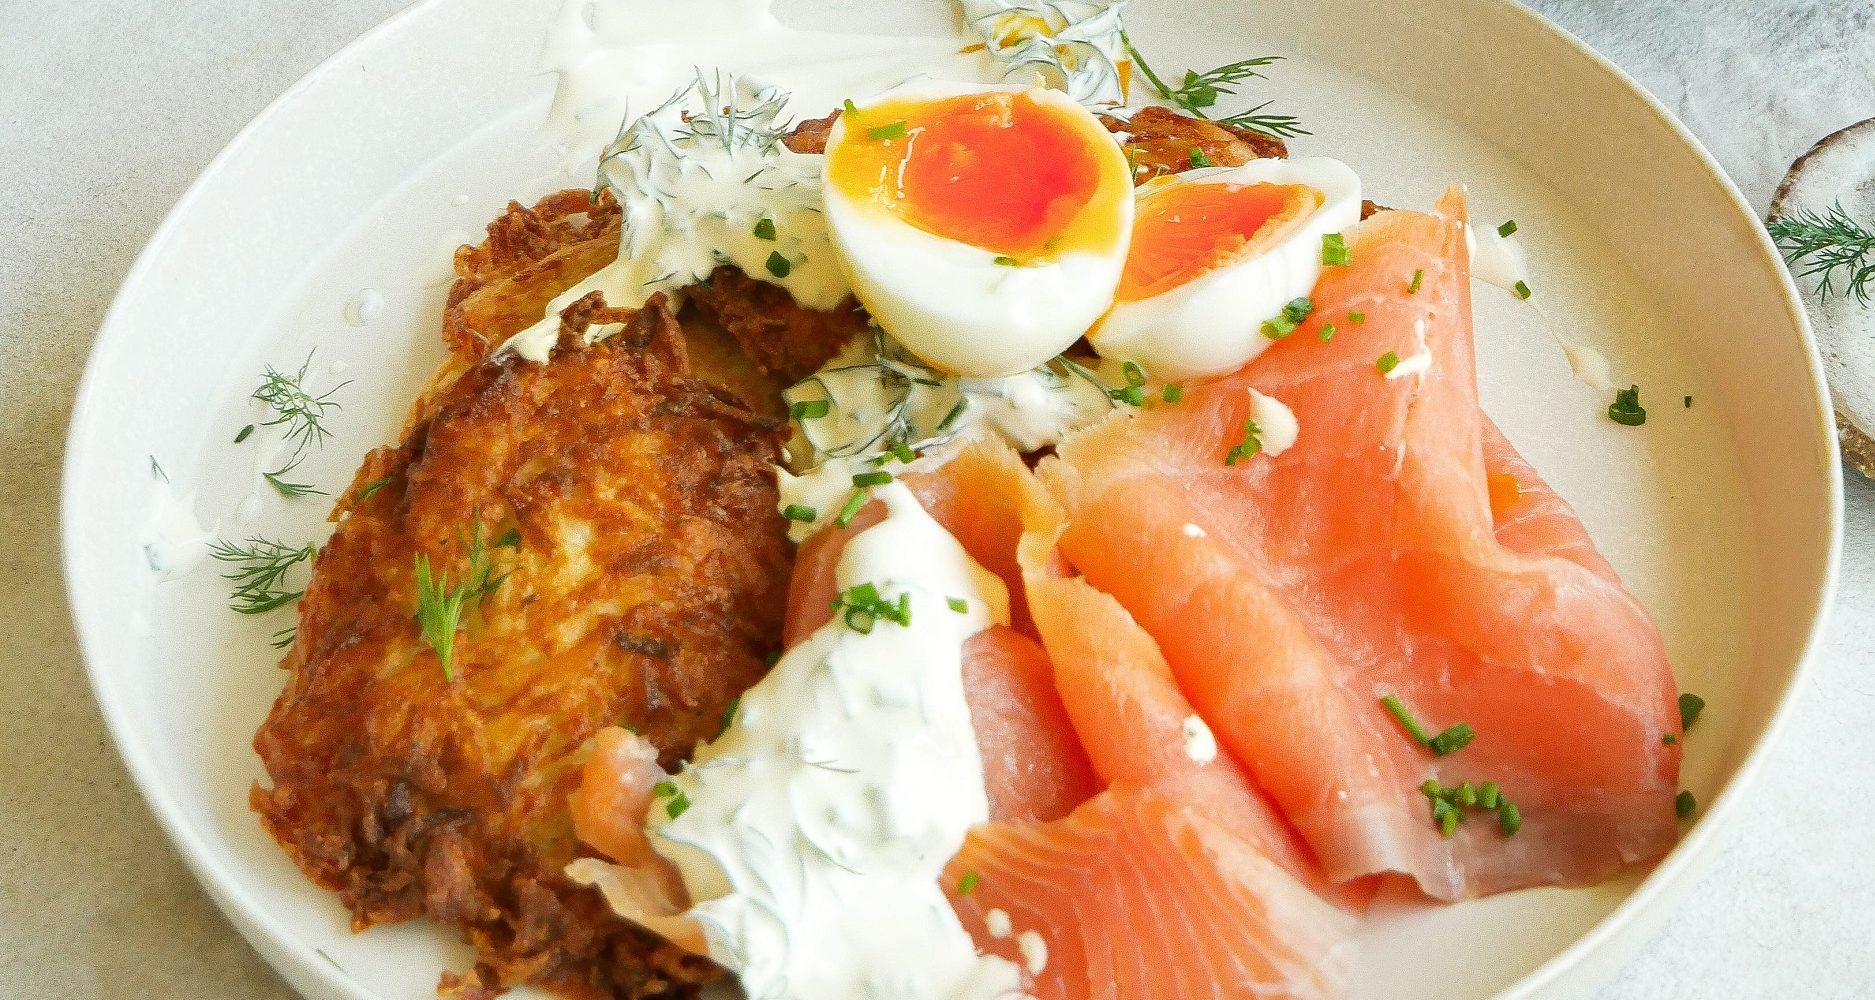 Potato Rosti with Smoked Salmon & Jammy Eggs